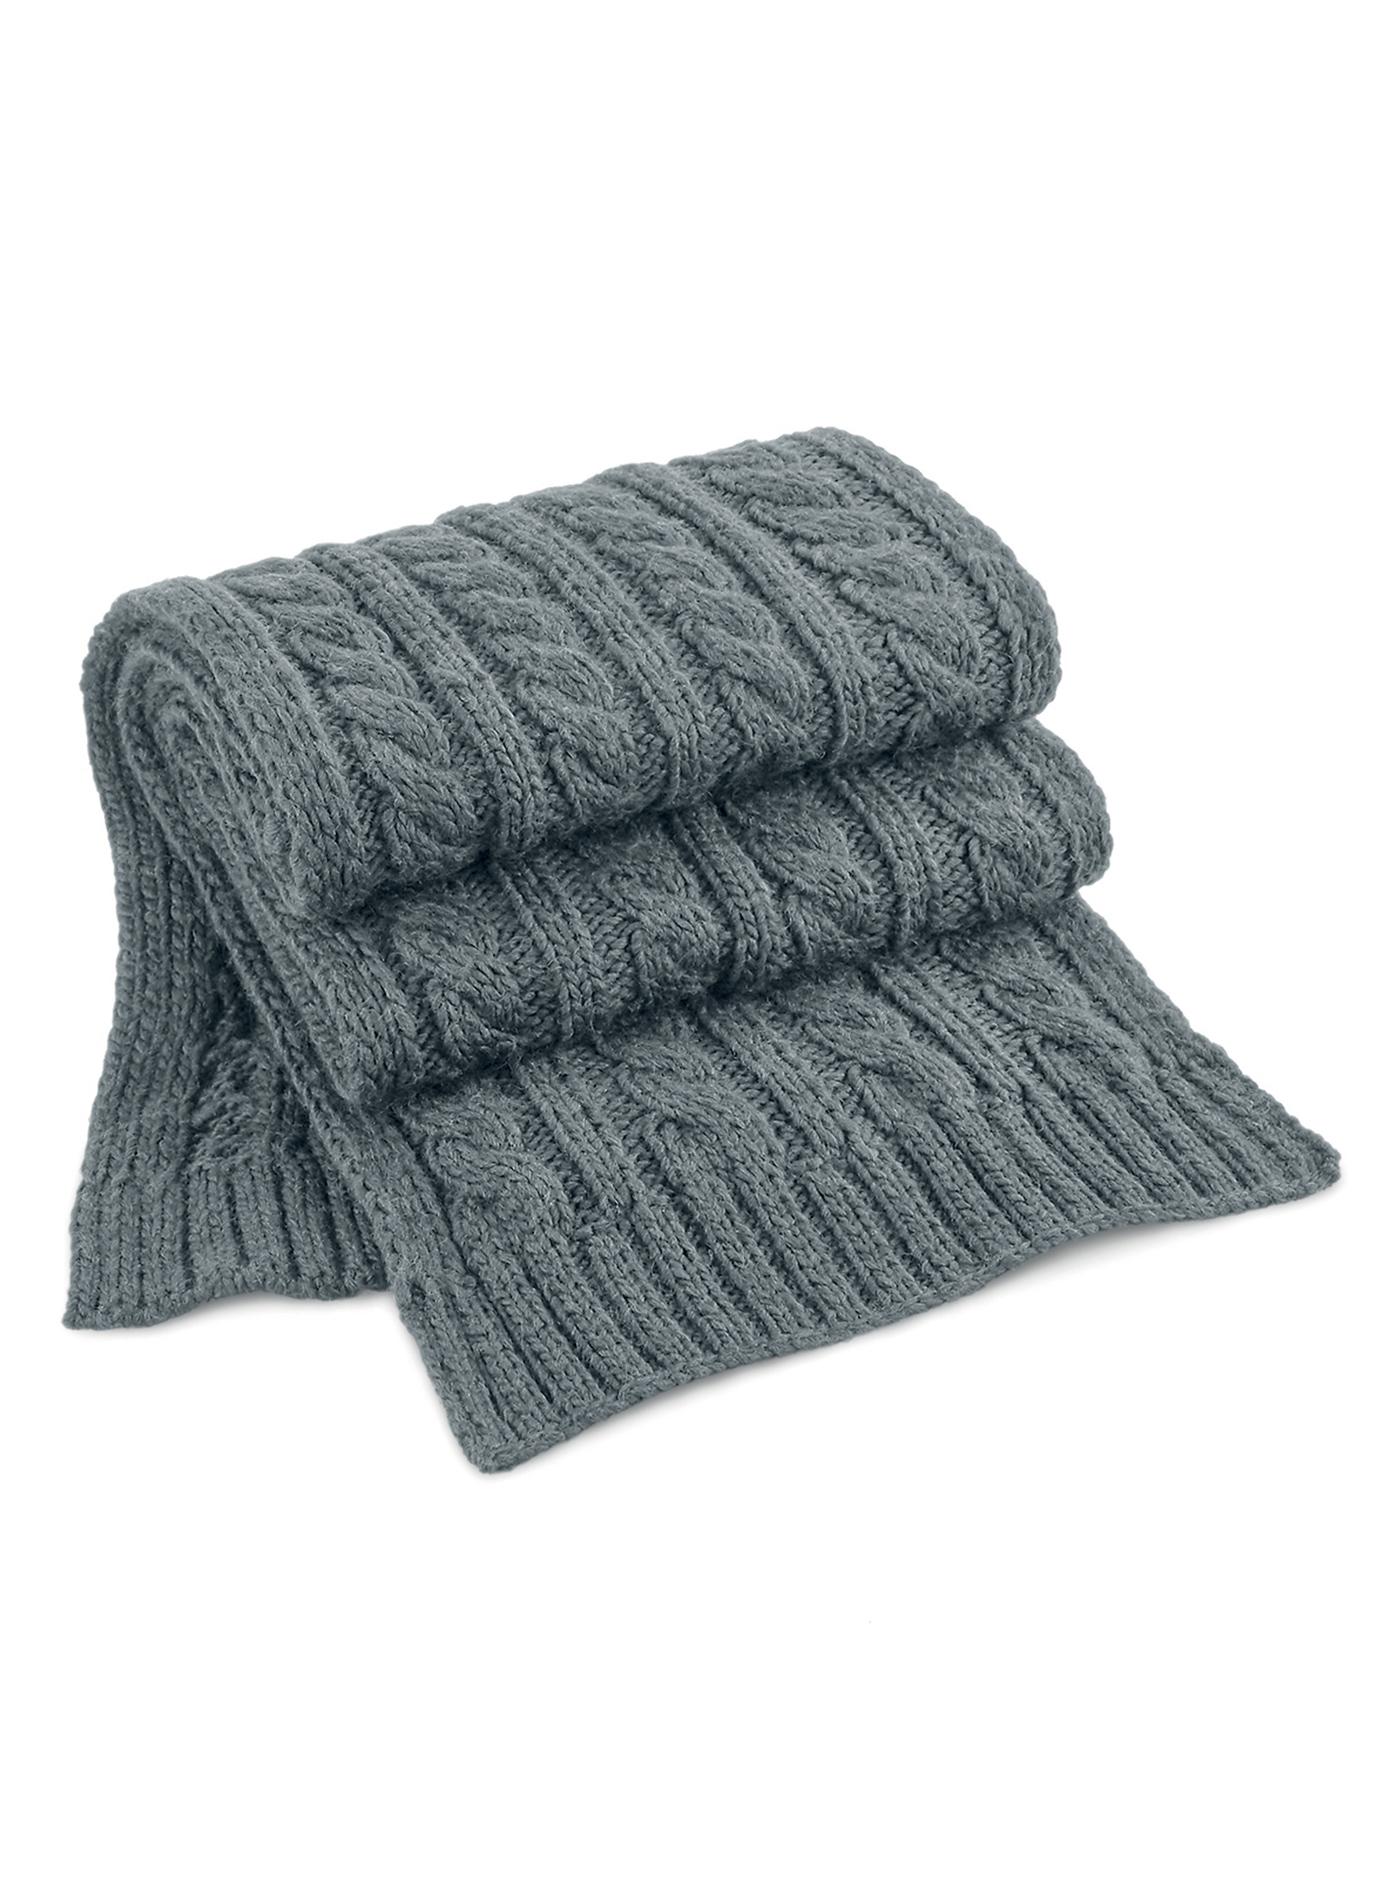 Pletená šála Melange - Světle šedá univerzal